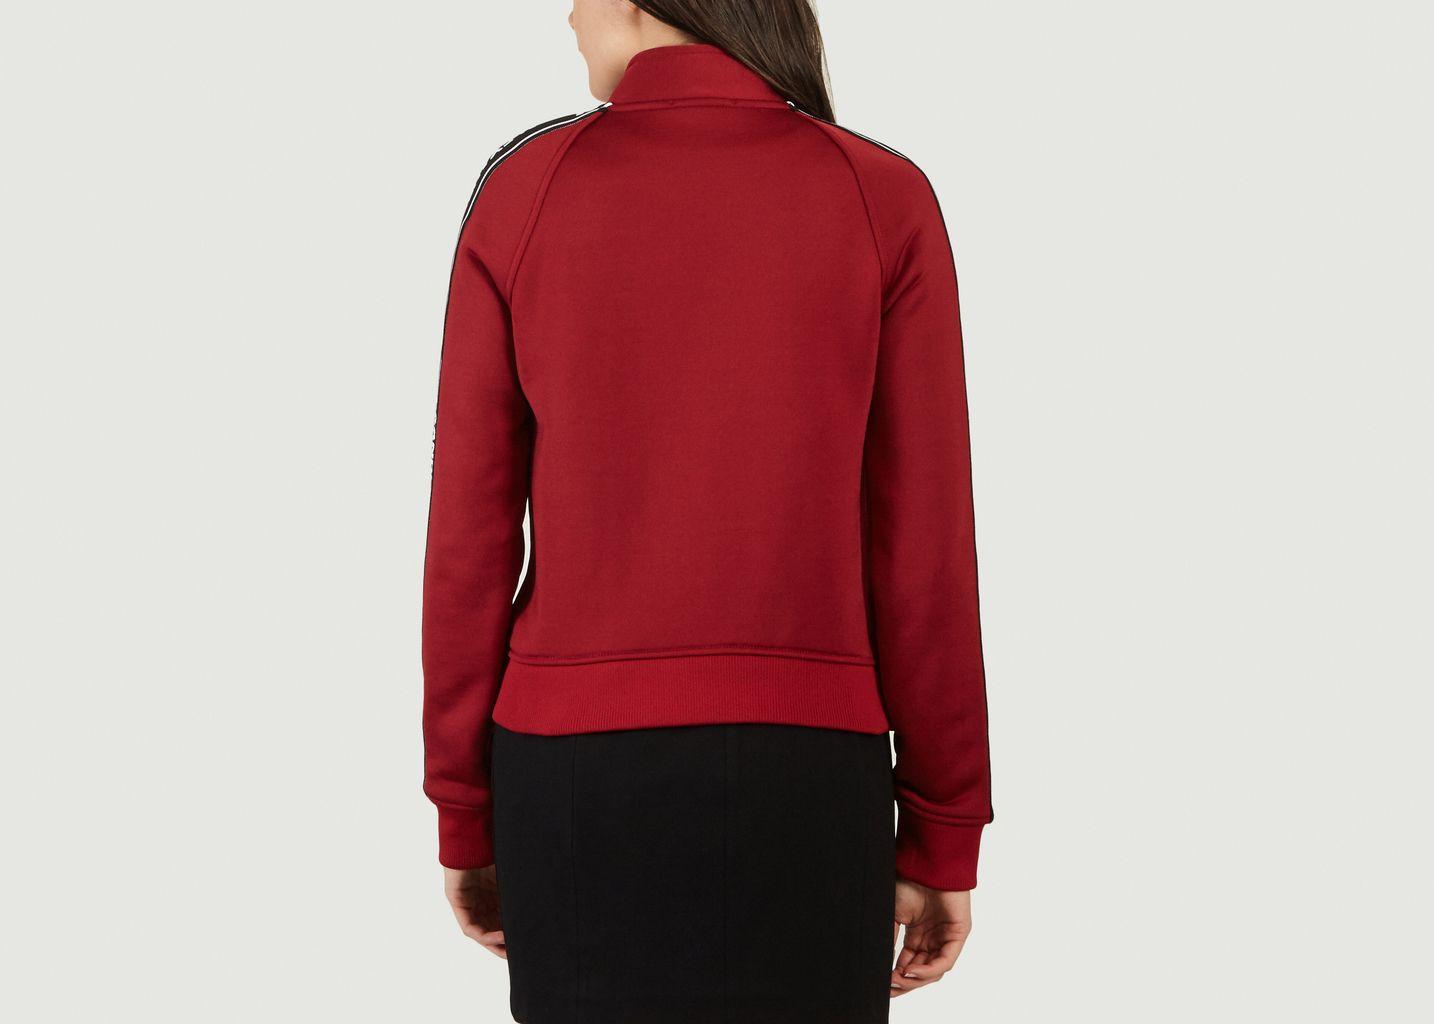 Veste Sportswear Logotypée - T by Alexander Wang